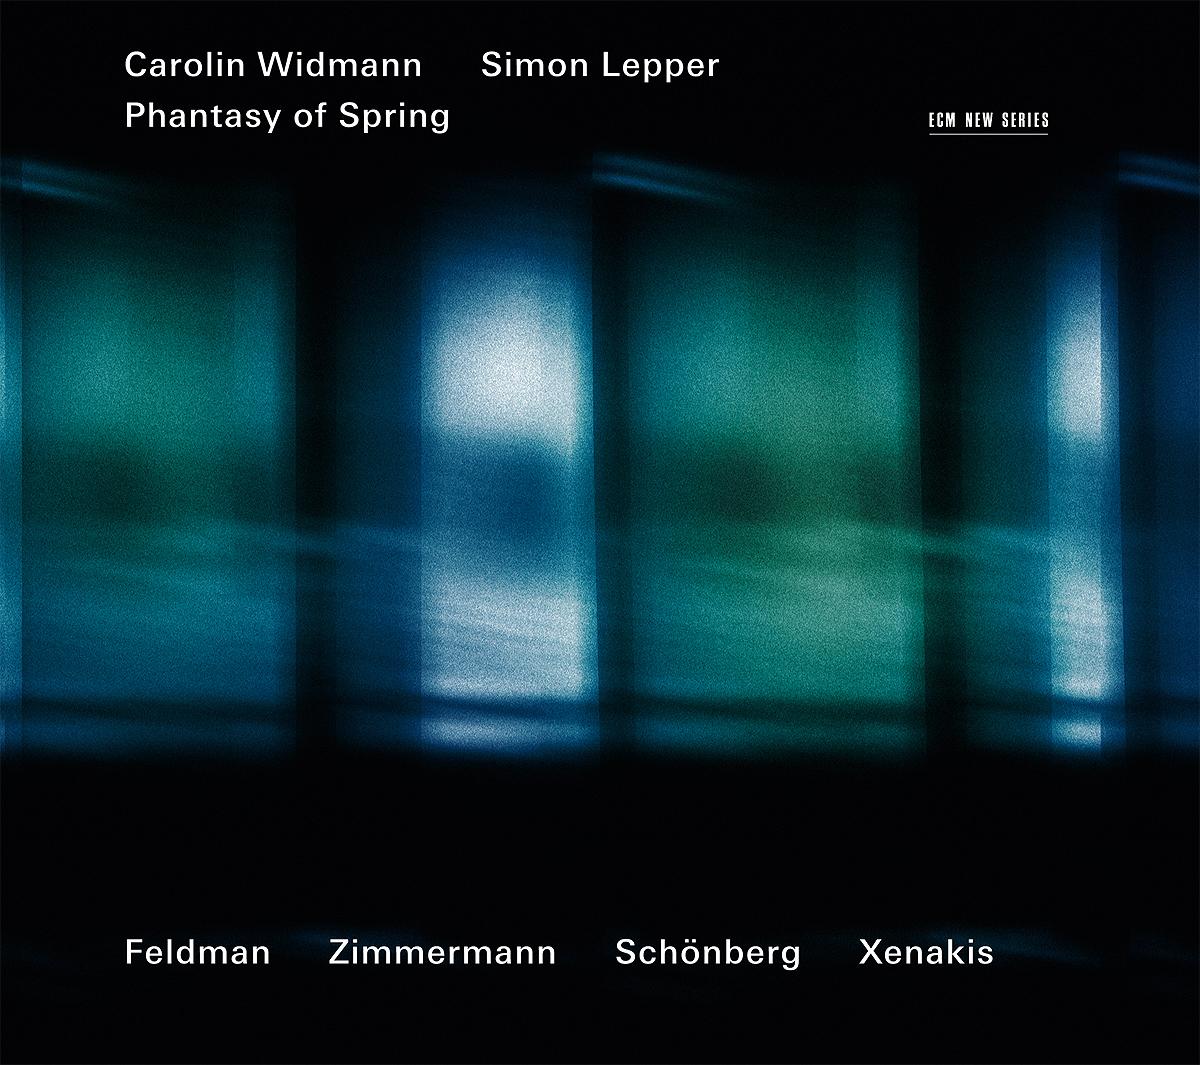 Carolin Widmann, Simon Lepper. Phantasy Of Spring: Feldman, Zimmermann, Schoenberg, Xenakis